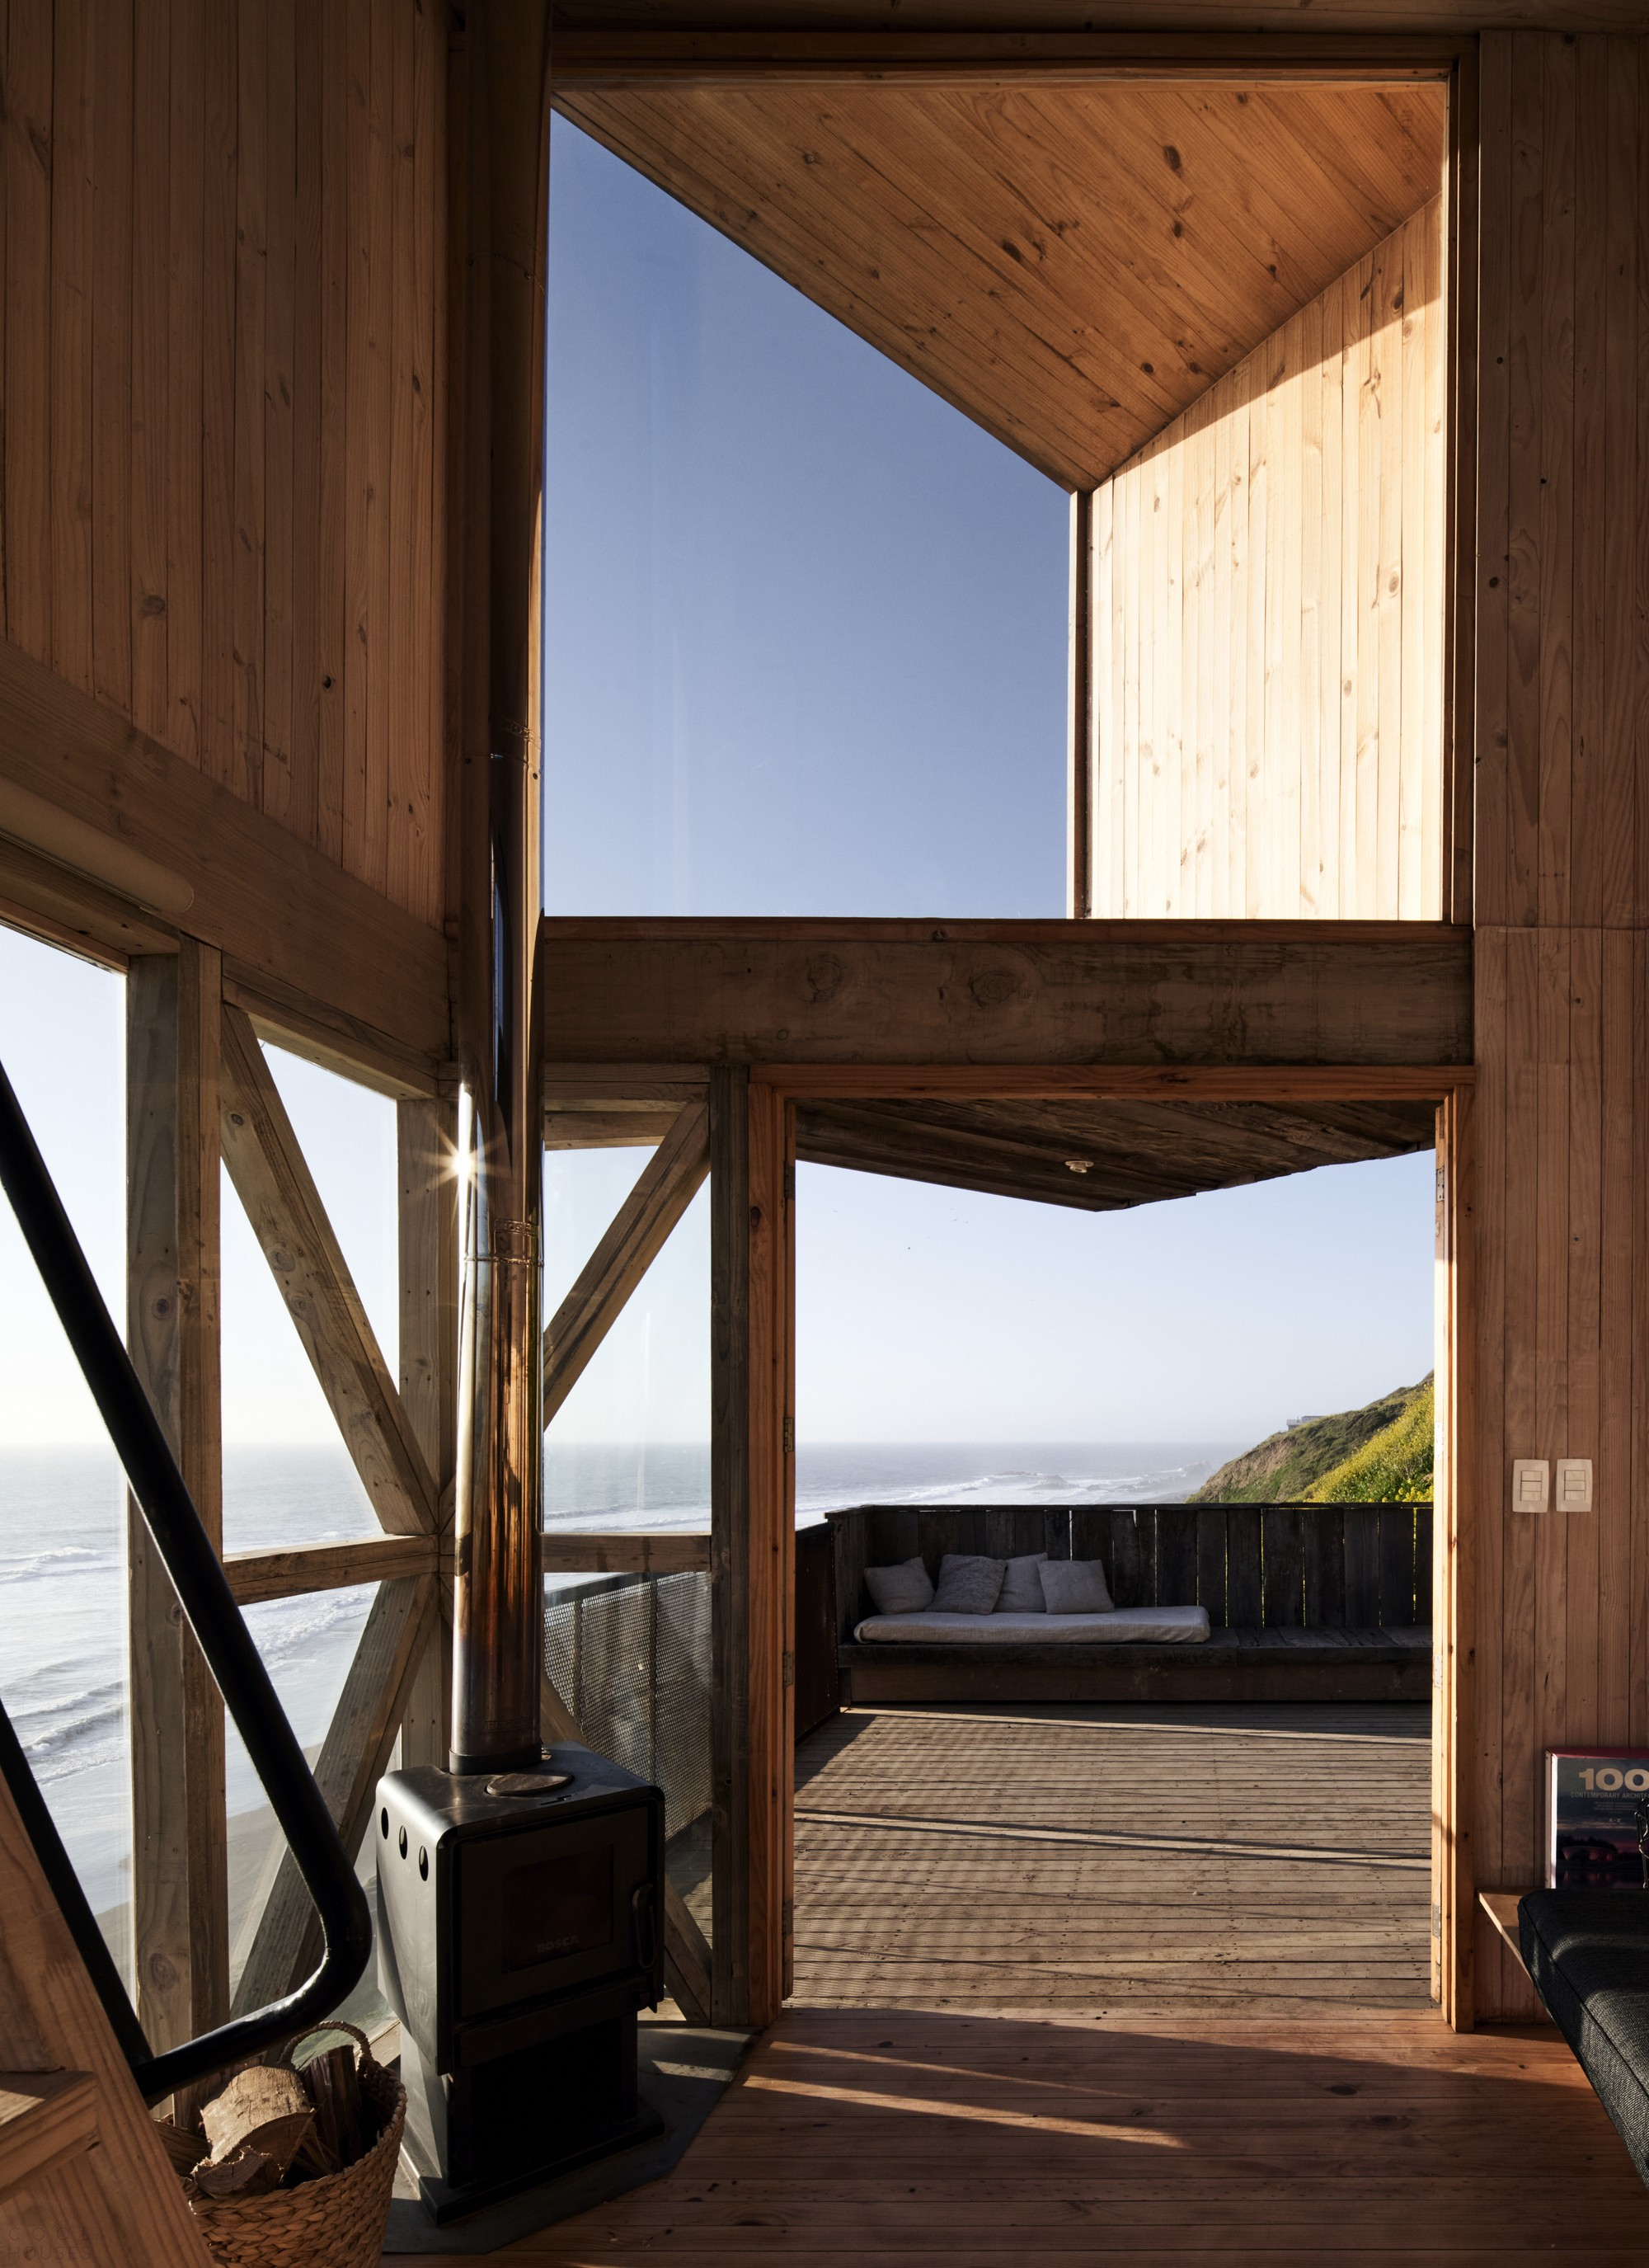 Домики для краткосрочного отдыха в виде смотровых башен с видом на океан